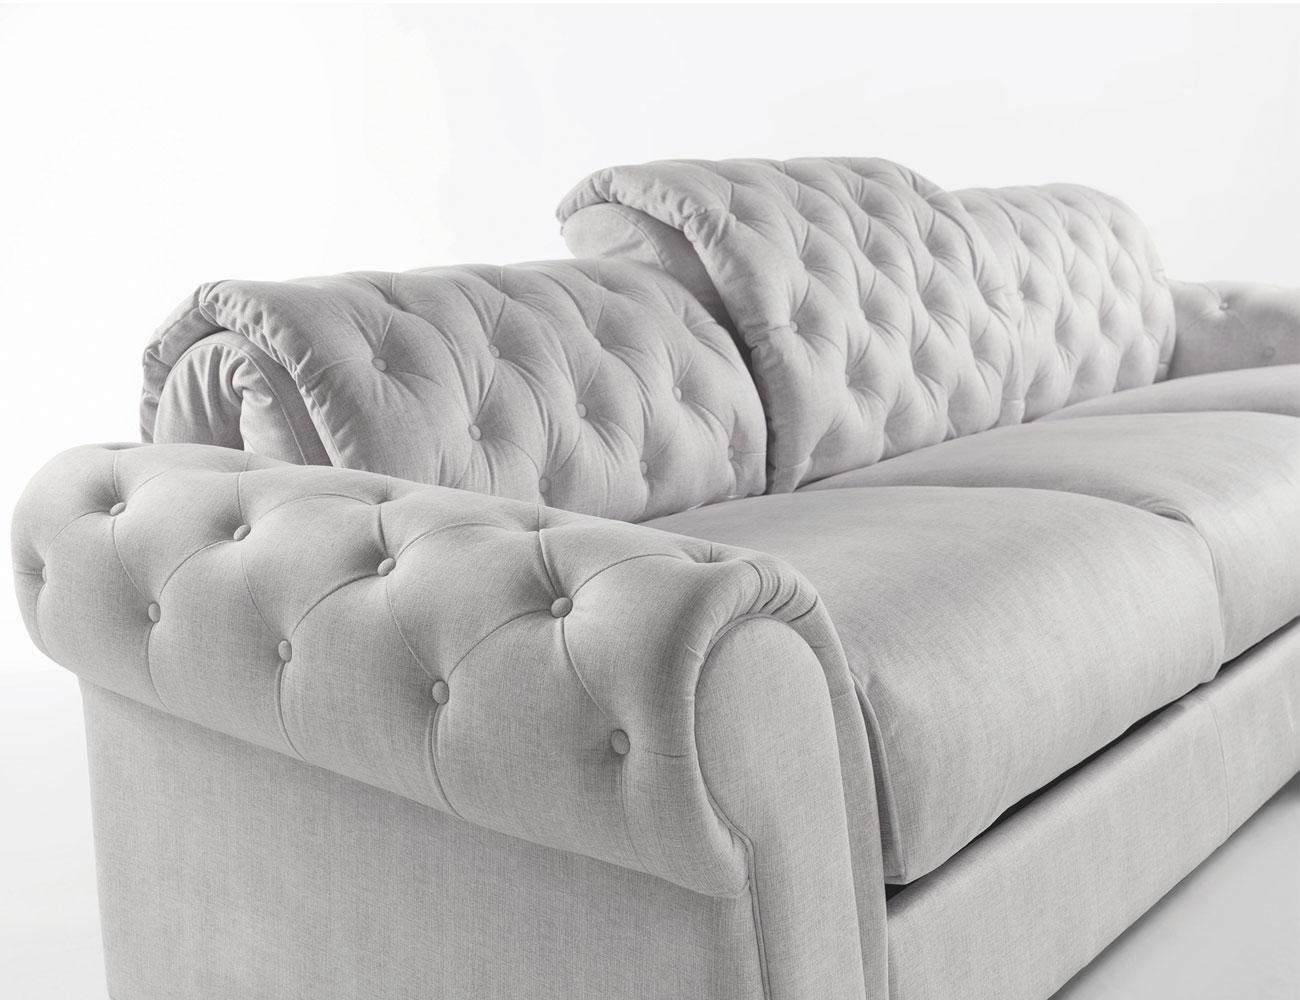 Sofa chaiselongue gran lujo decorativo capitone blanco tela 153